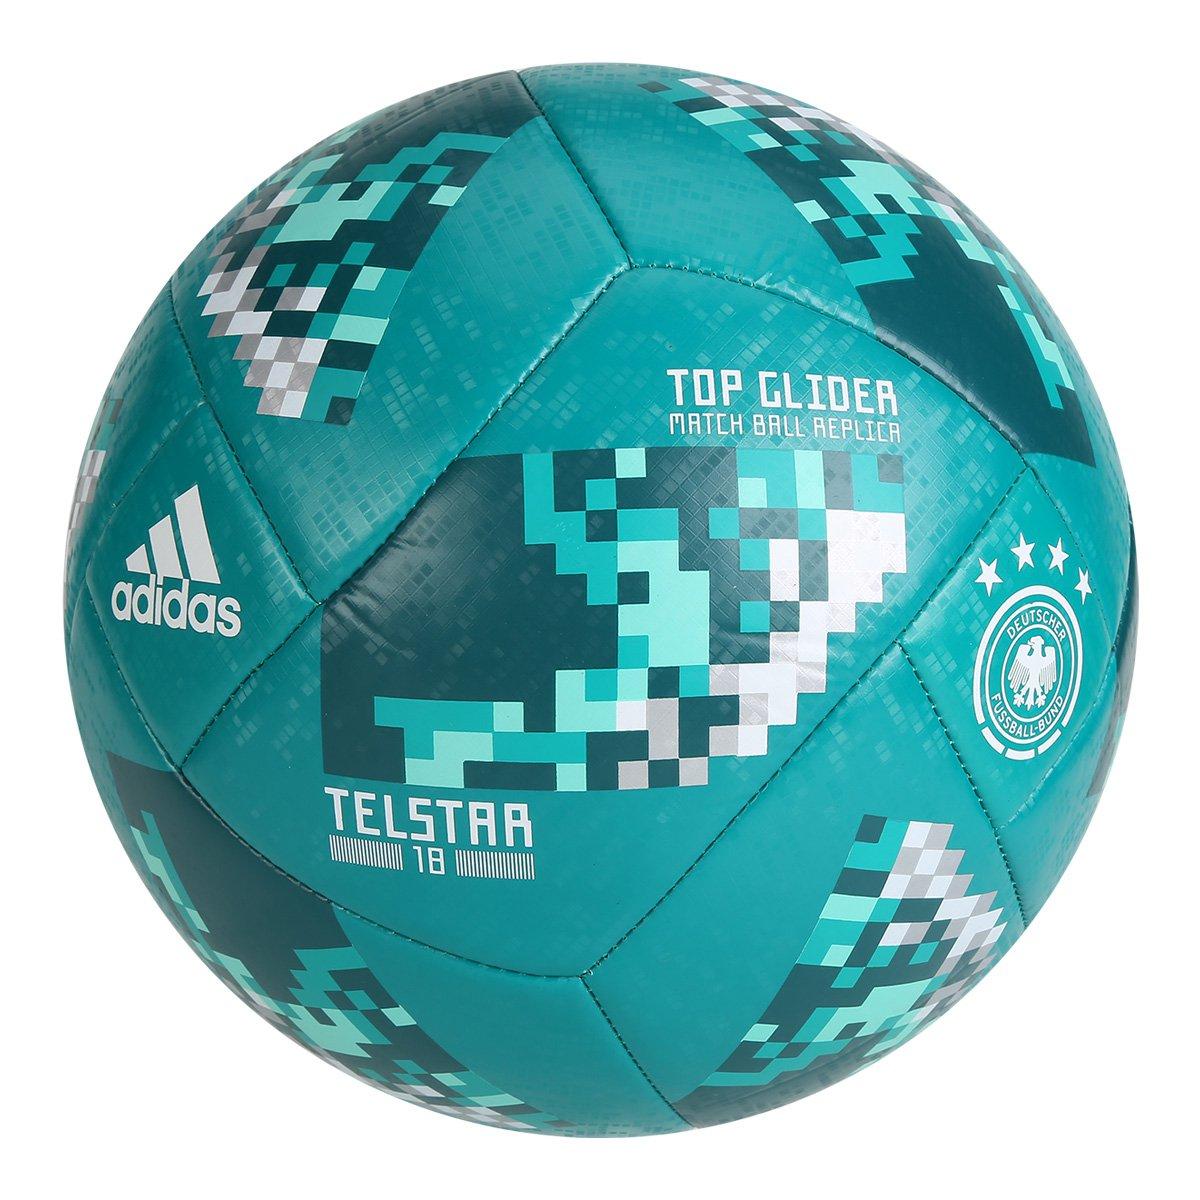 4a7997588364c Bola Futebol Campo Adidas Alemanha TOP Glider Telstar 18 Copa do Mundo  Replique Fifa - Compre Agora